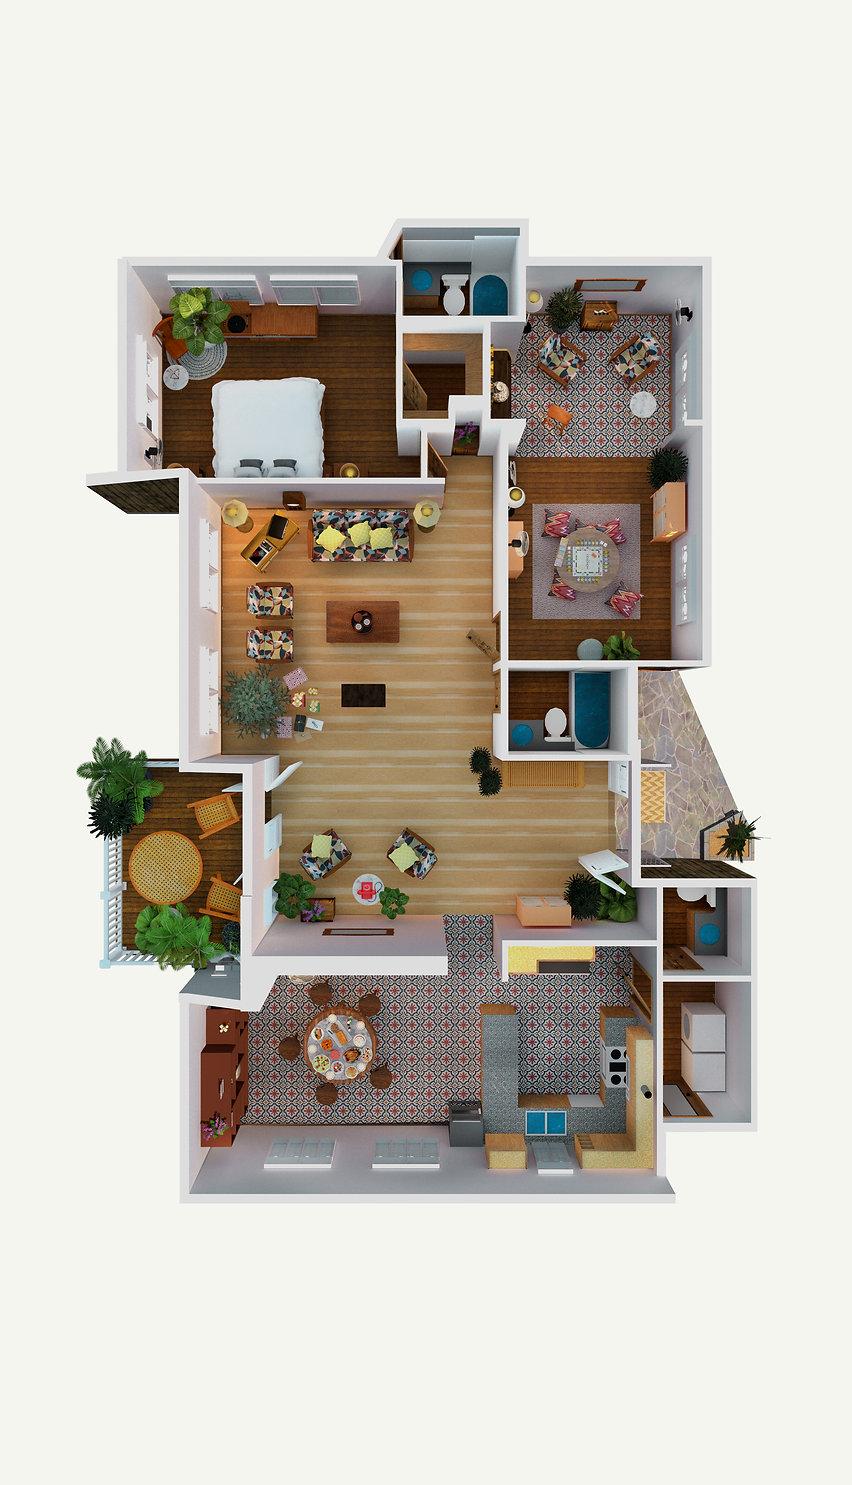 home model export 2.jpg